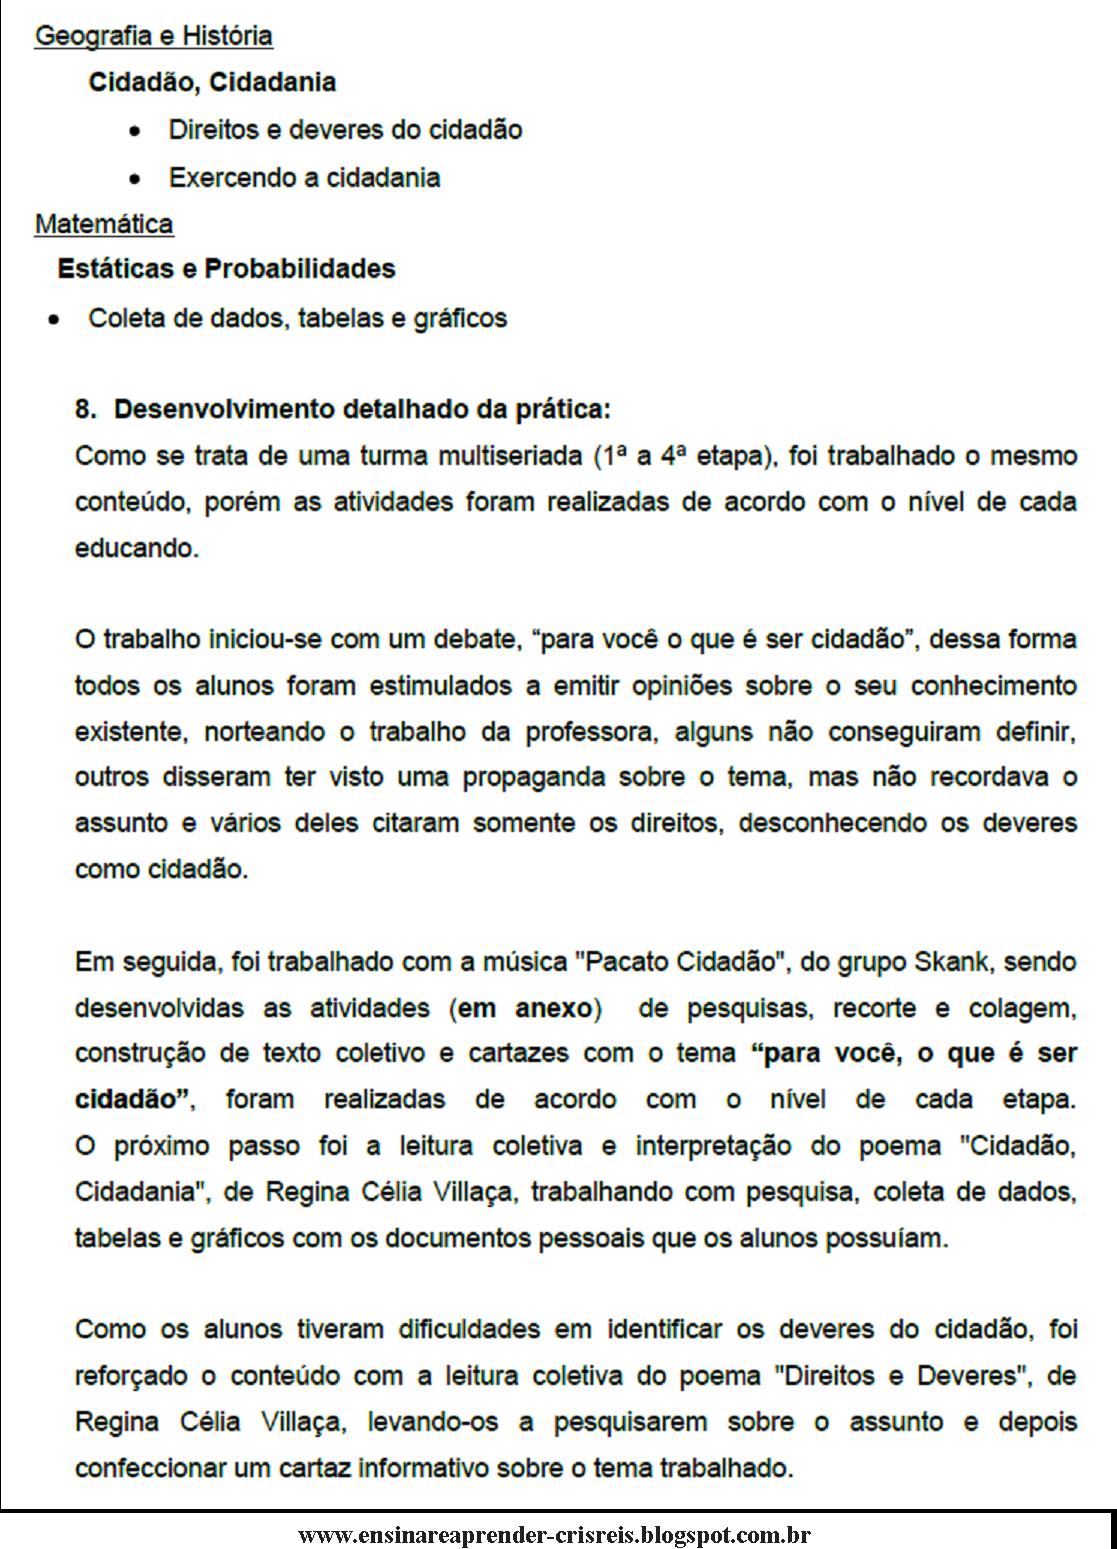 Programa brasileiro de inclusao digital 1b - 3 part 8